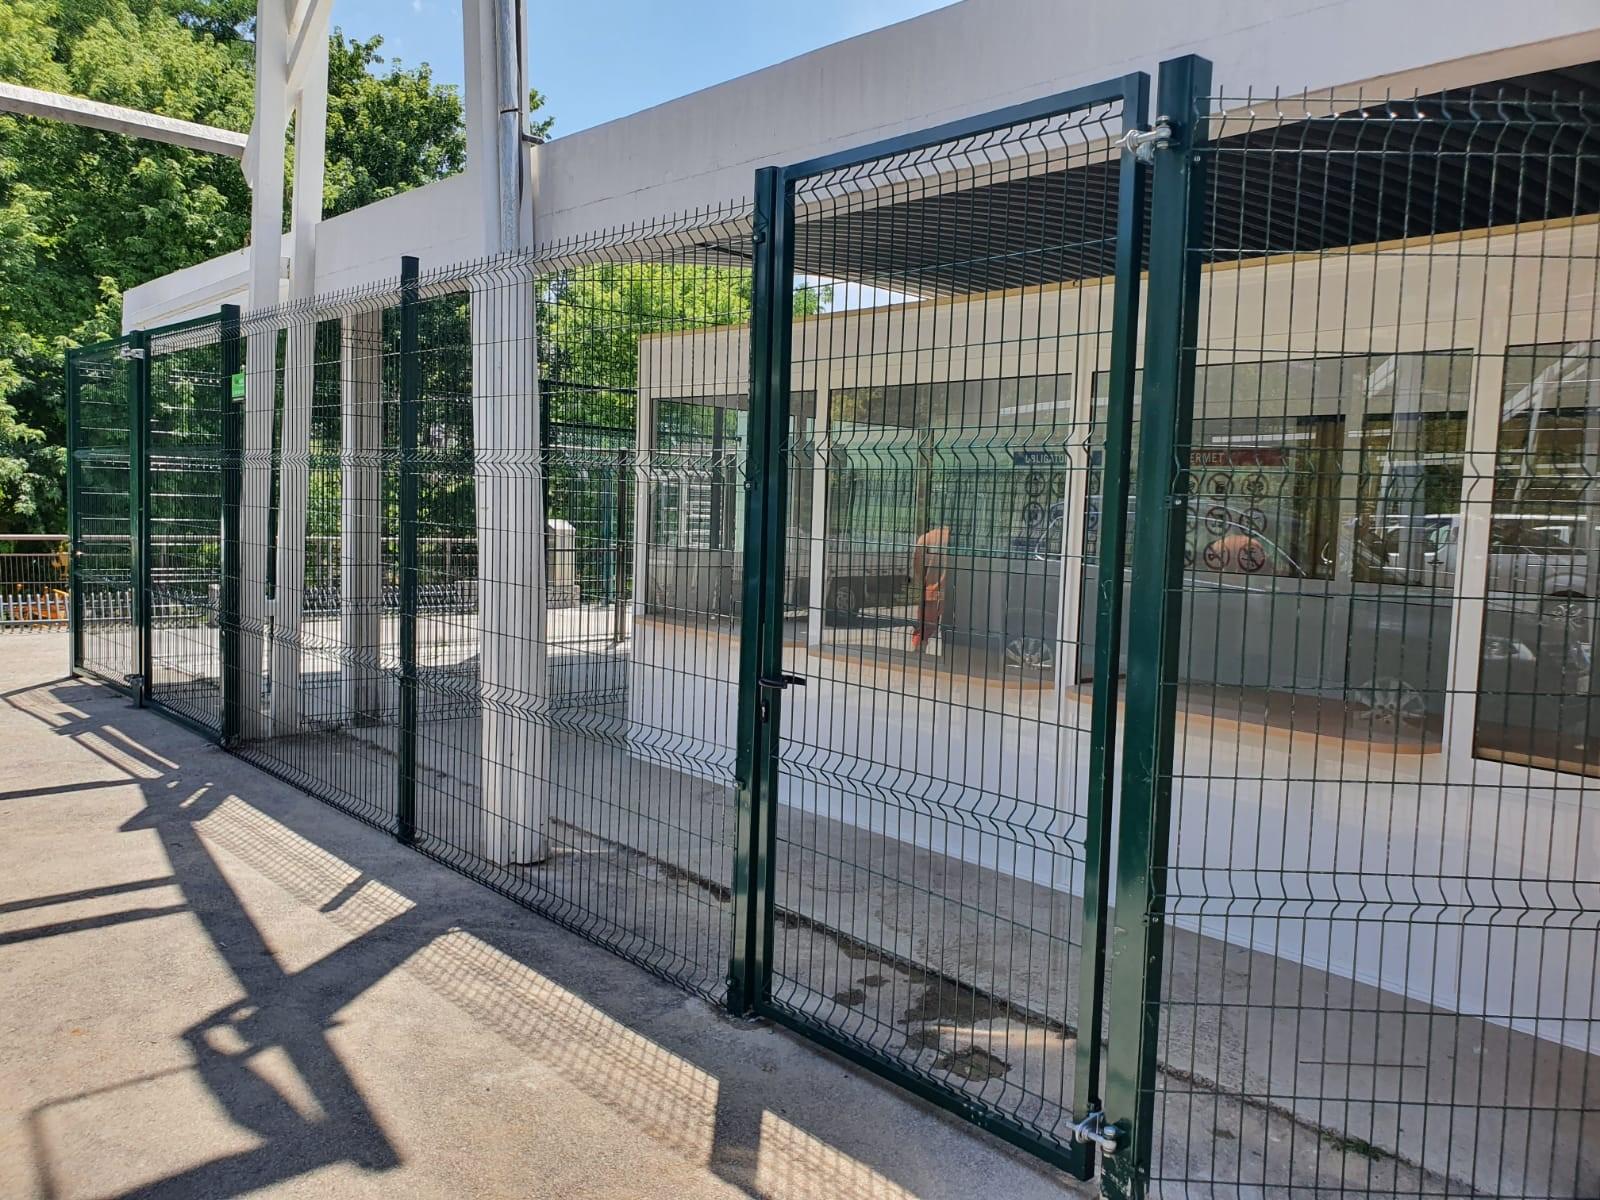 Nueva normalidad Puerta y valla Hércules piscina Terrassa covid19